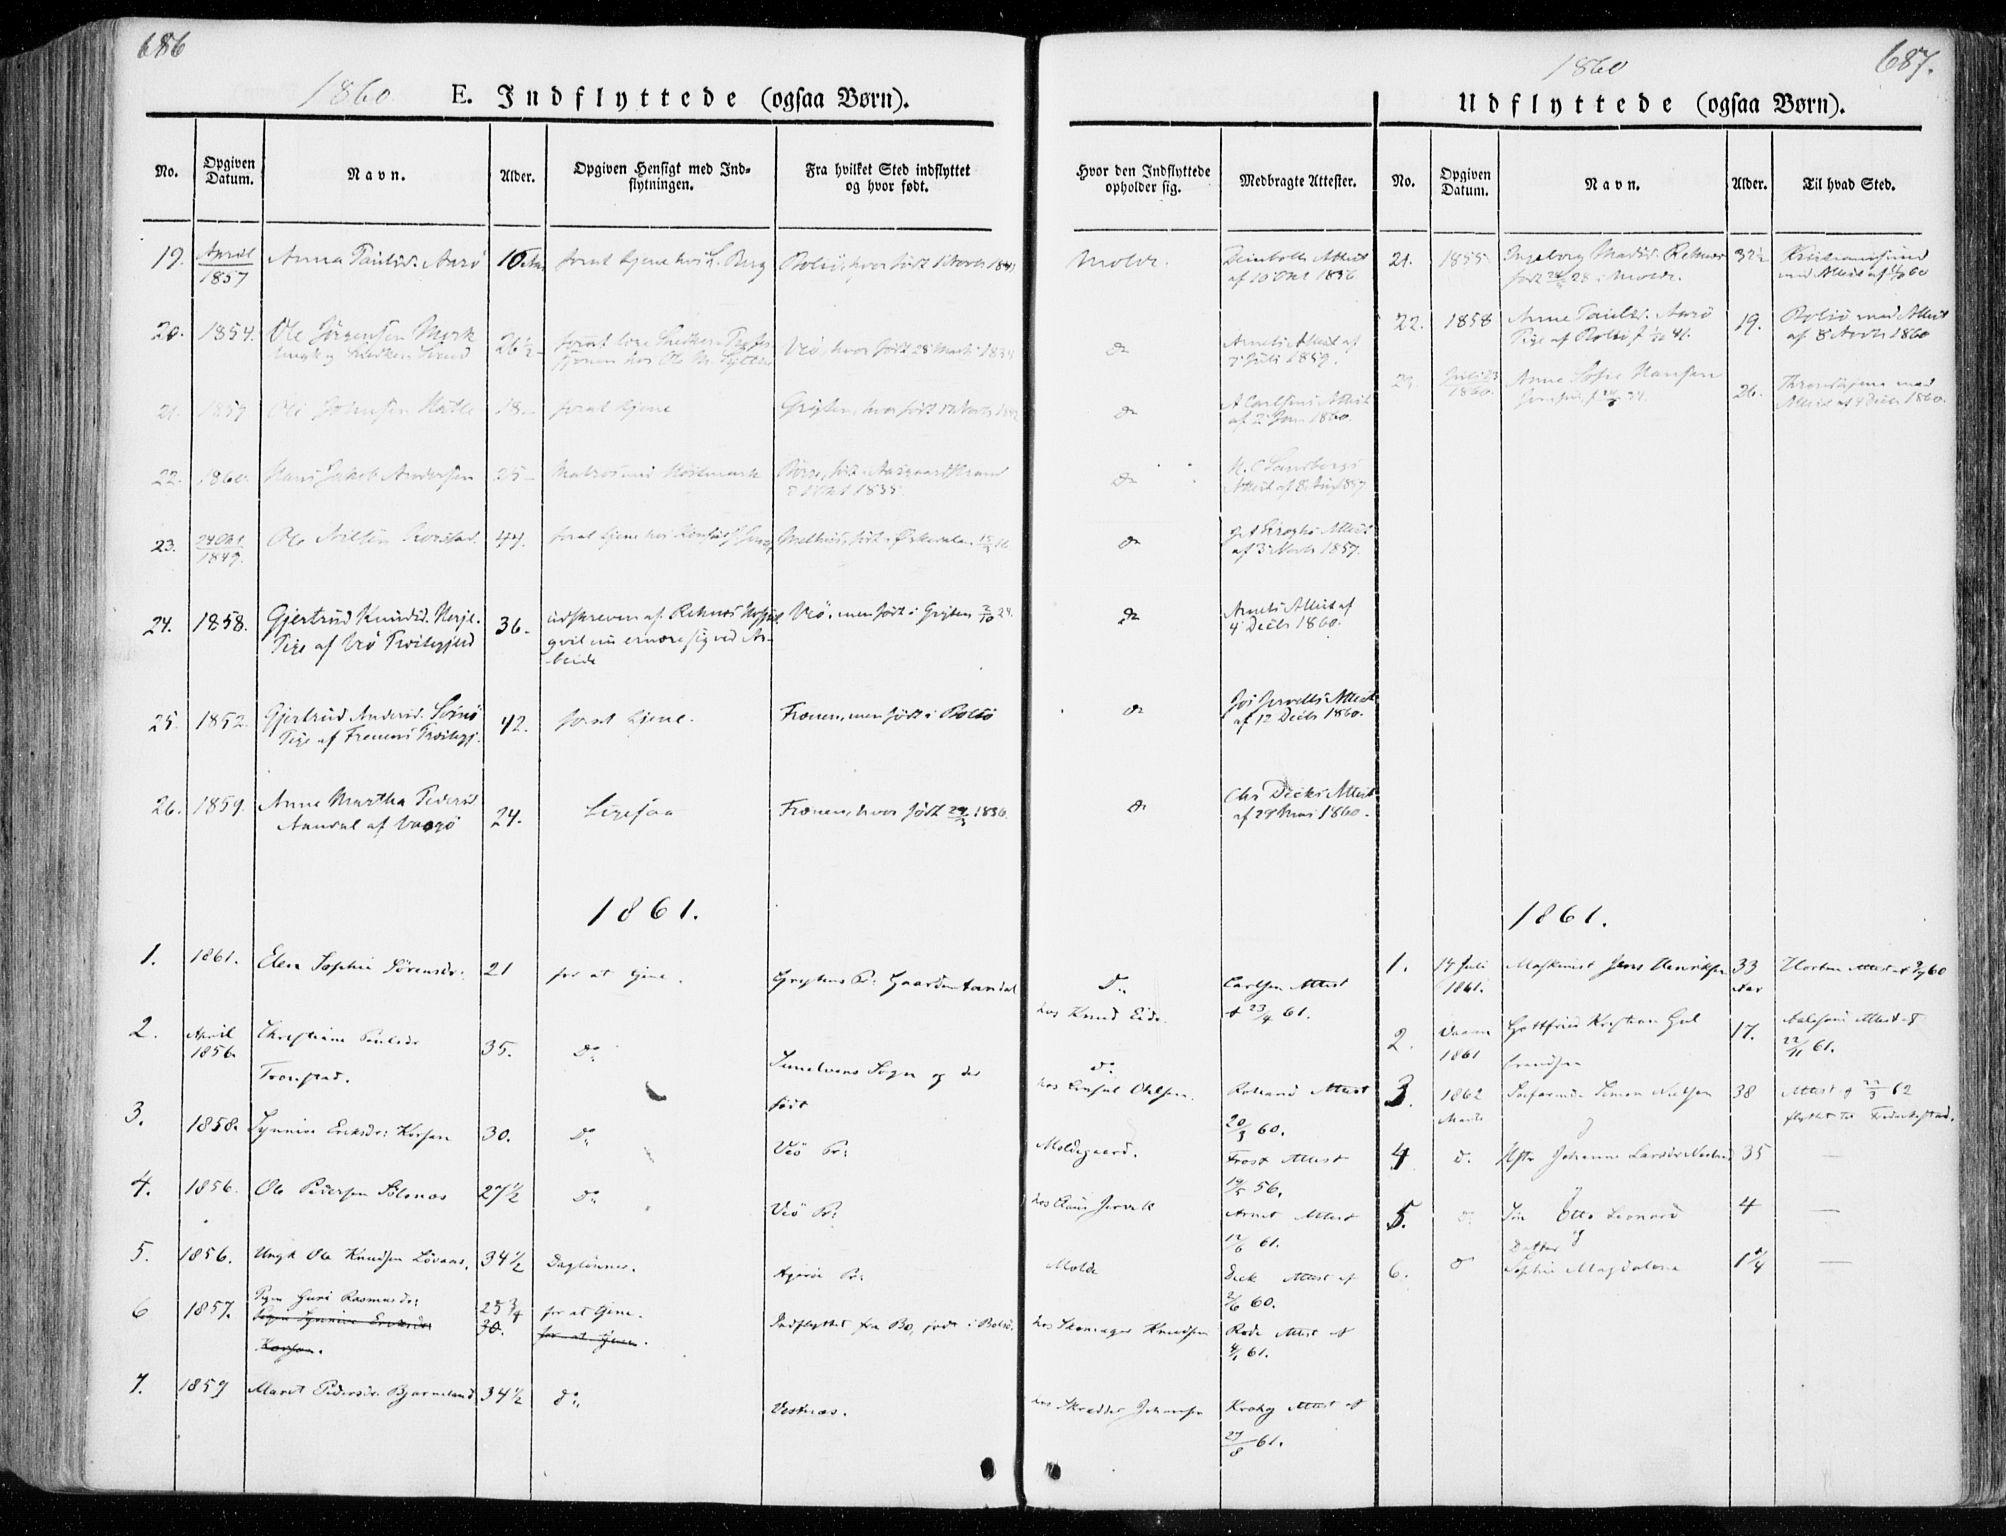 SAT, Ministerialprotokoller, klokkerbøker og fødselsregistre - Møre og Romsdal, 558/L0689: Ministerialbok nr. 558A03, 1843-1872, s. 686-687